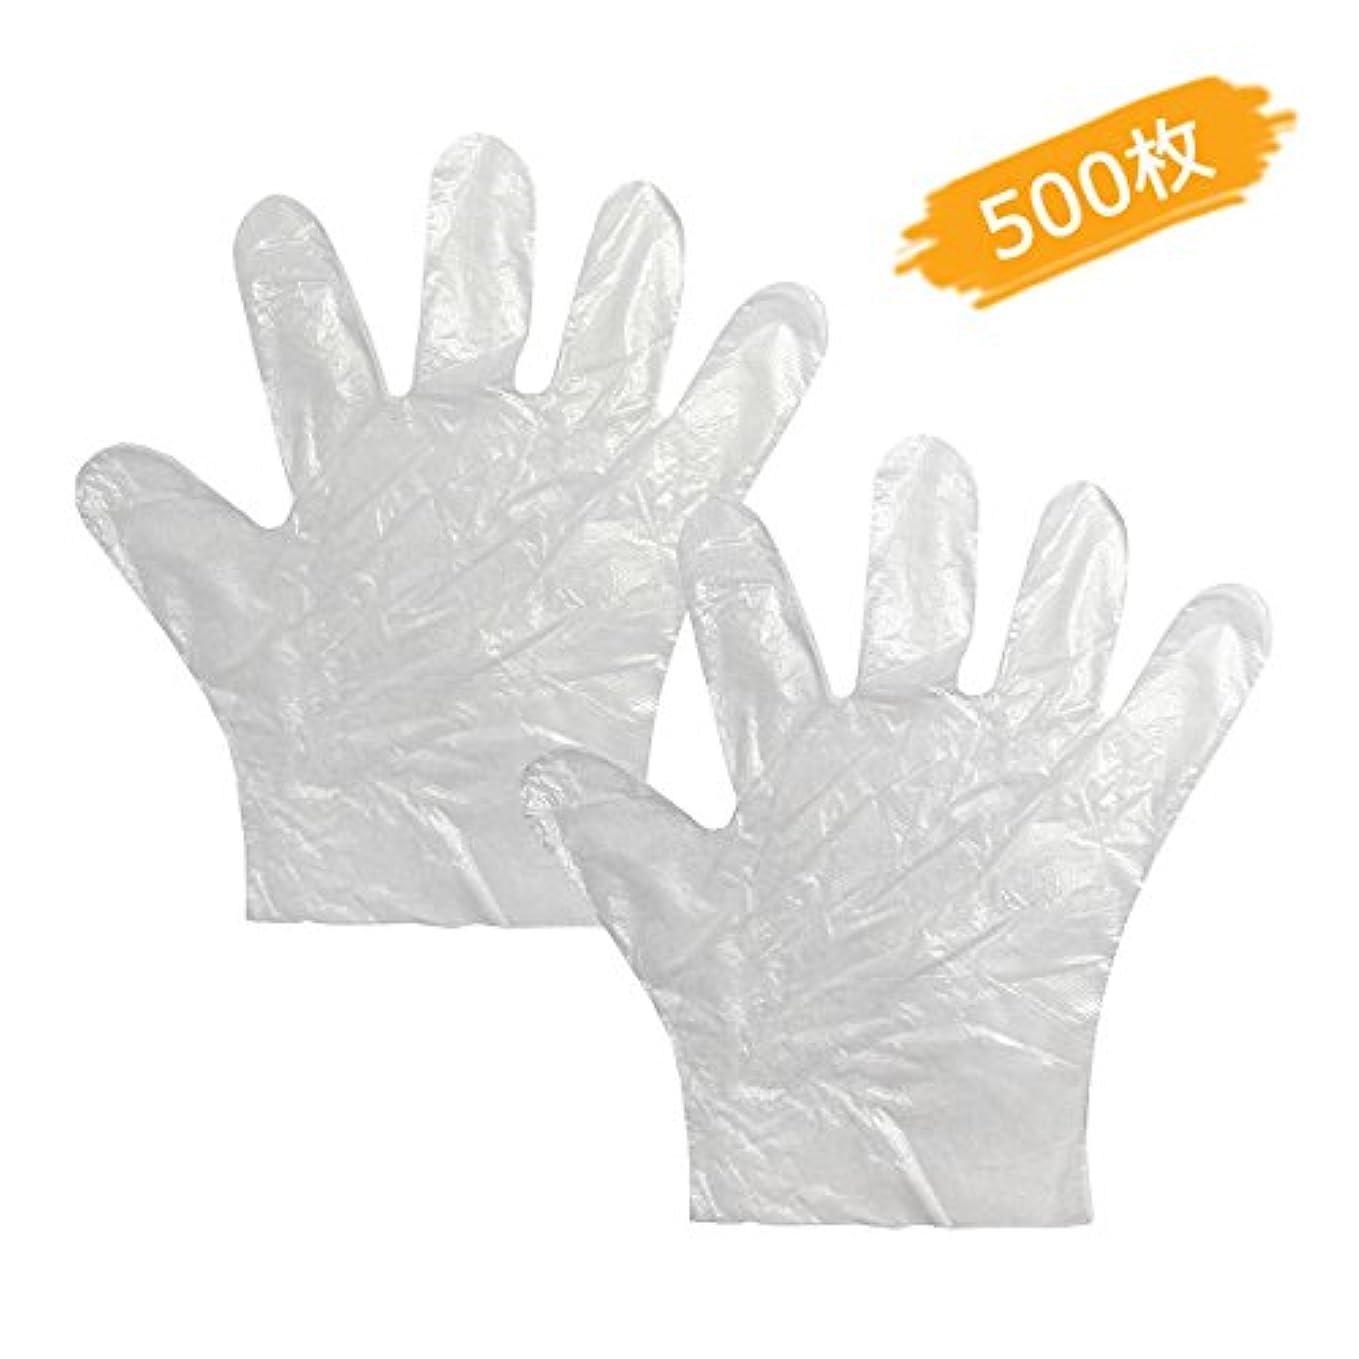 雇う吸収上に築きます使い捨て手袋 極薄ビニール手袋 調理 透明 実用 衛生 500枚入